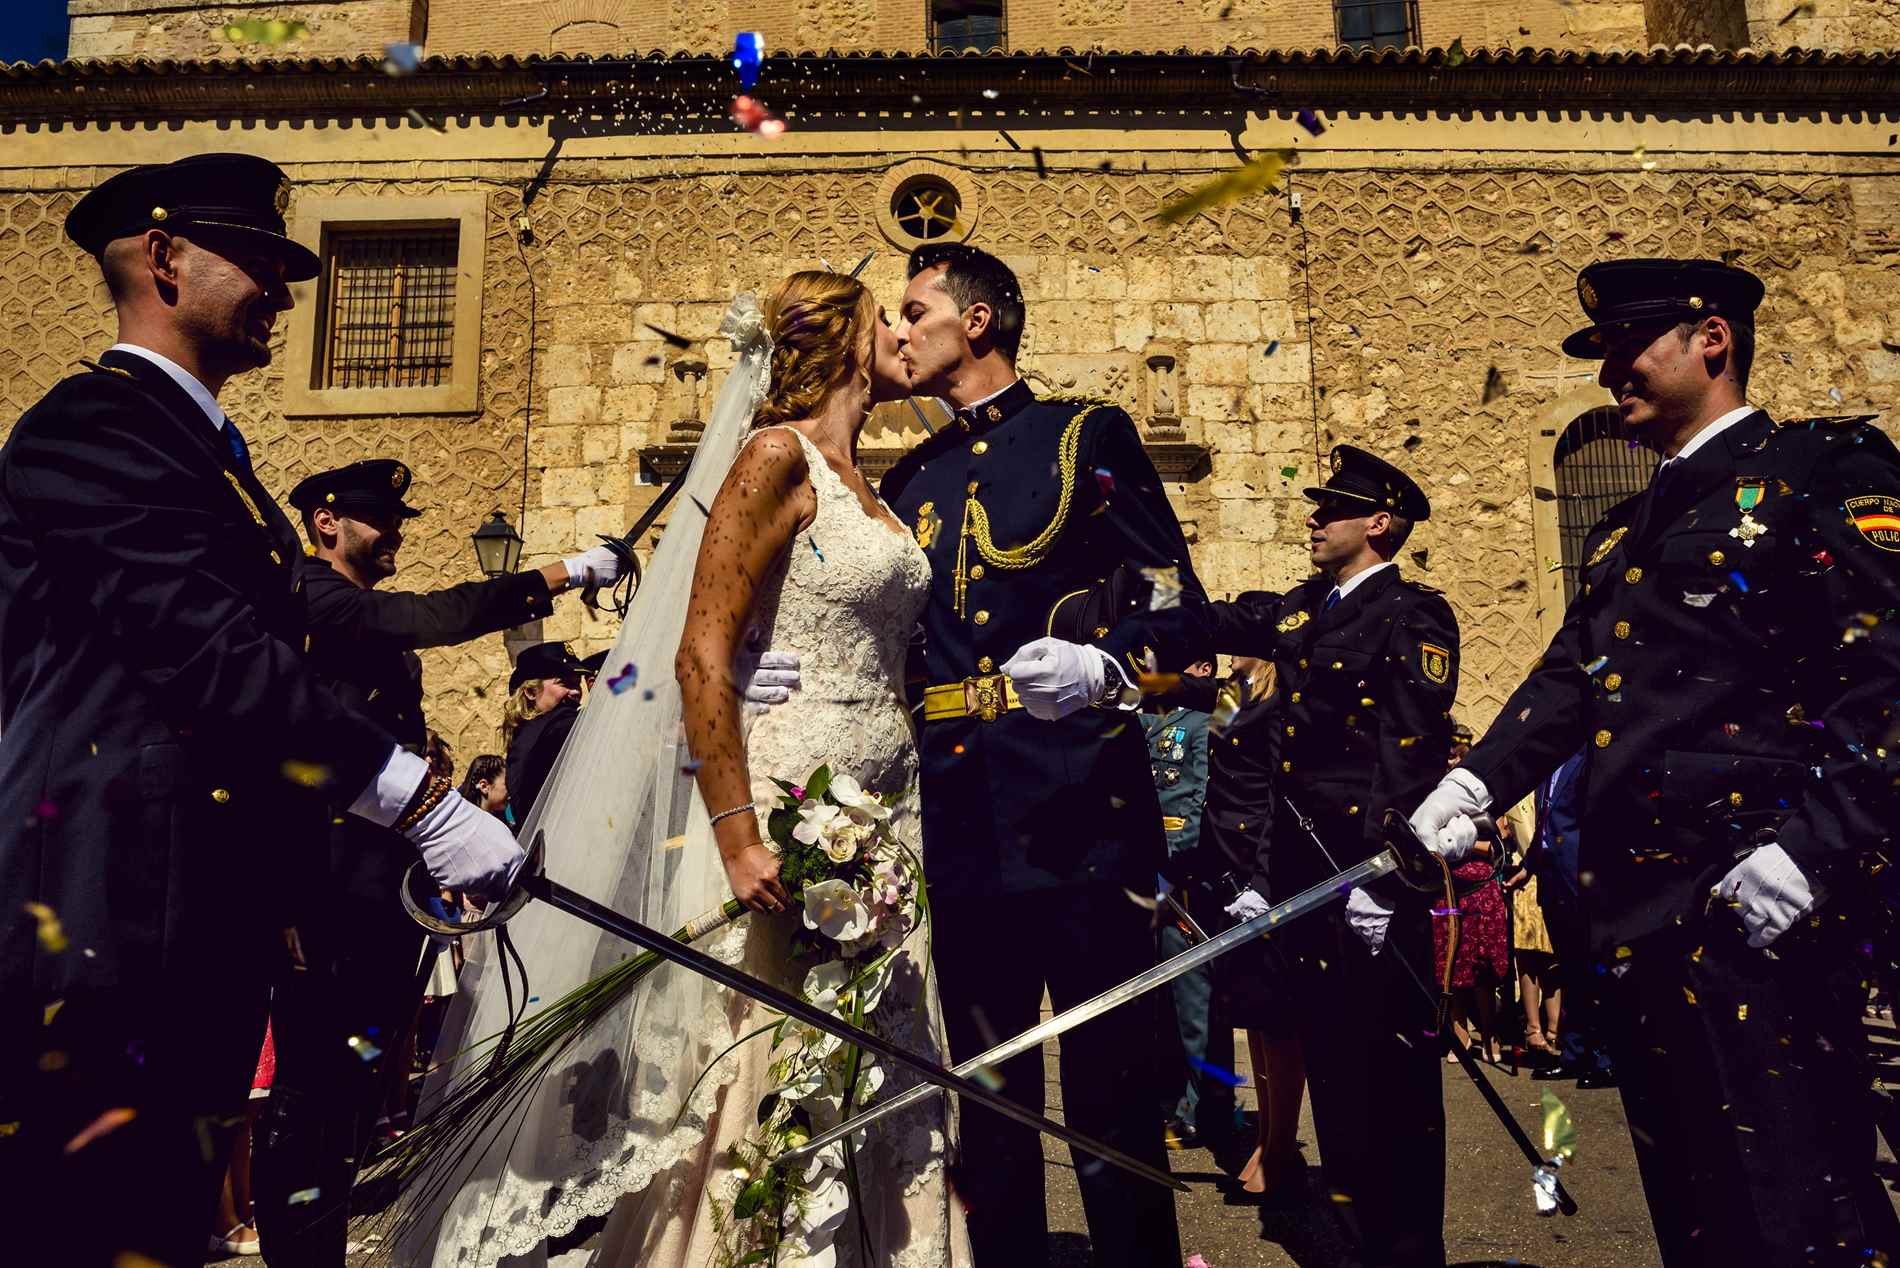 pasillo de sables - Fotógrafo de bodas Militares